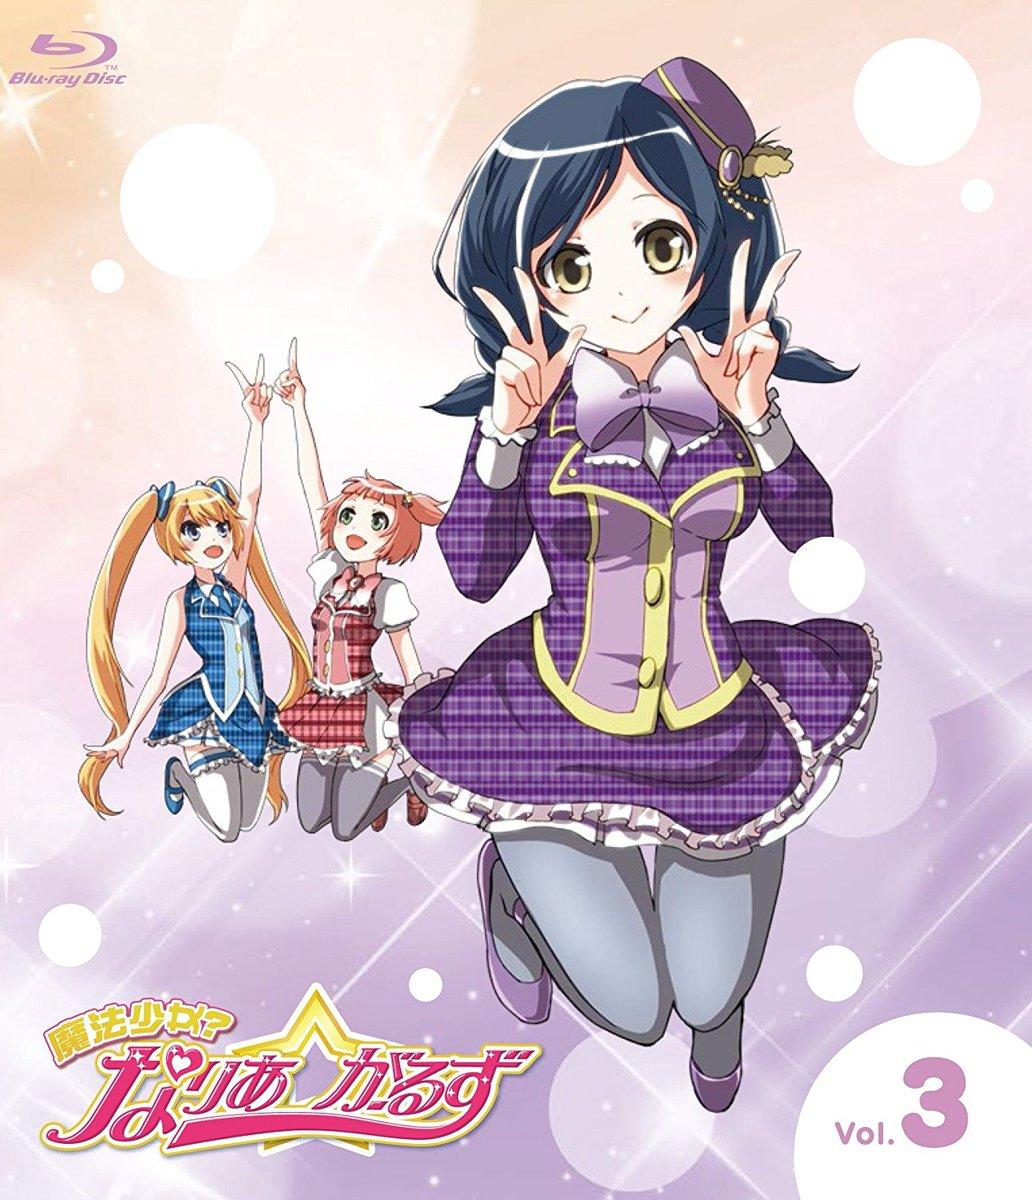 【明日発売】「魔法少女?なりあ☆がーるず」Blu-ray第3巻、発売日はいよいよ明日です!本日は店着日ですので、お店によ